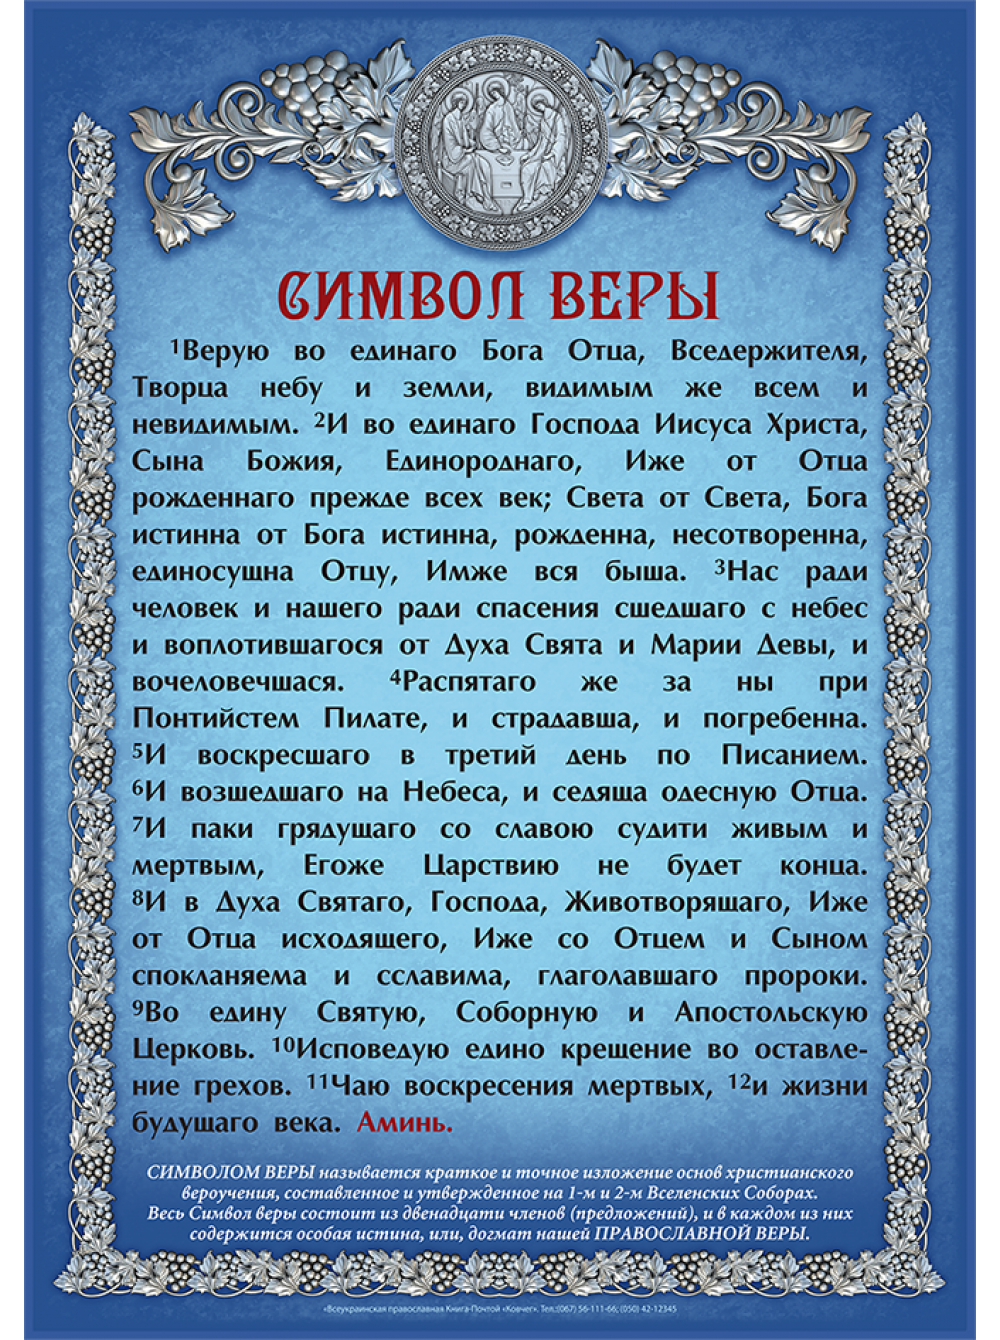 Символ веры в православии: история создания главной молитвы